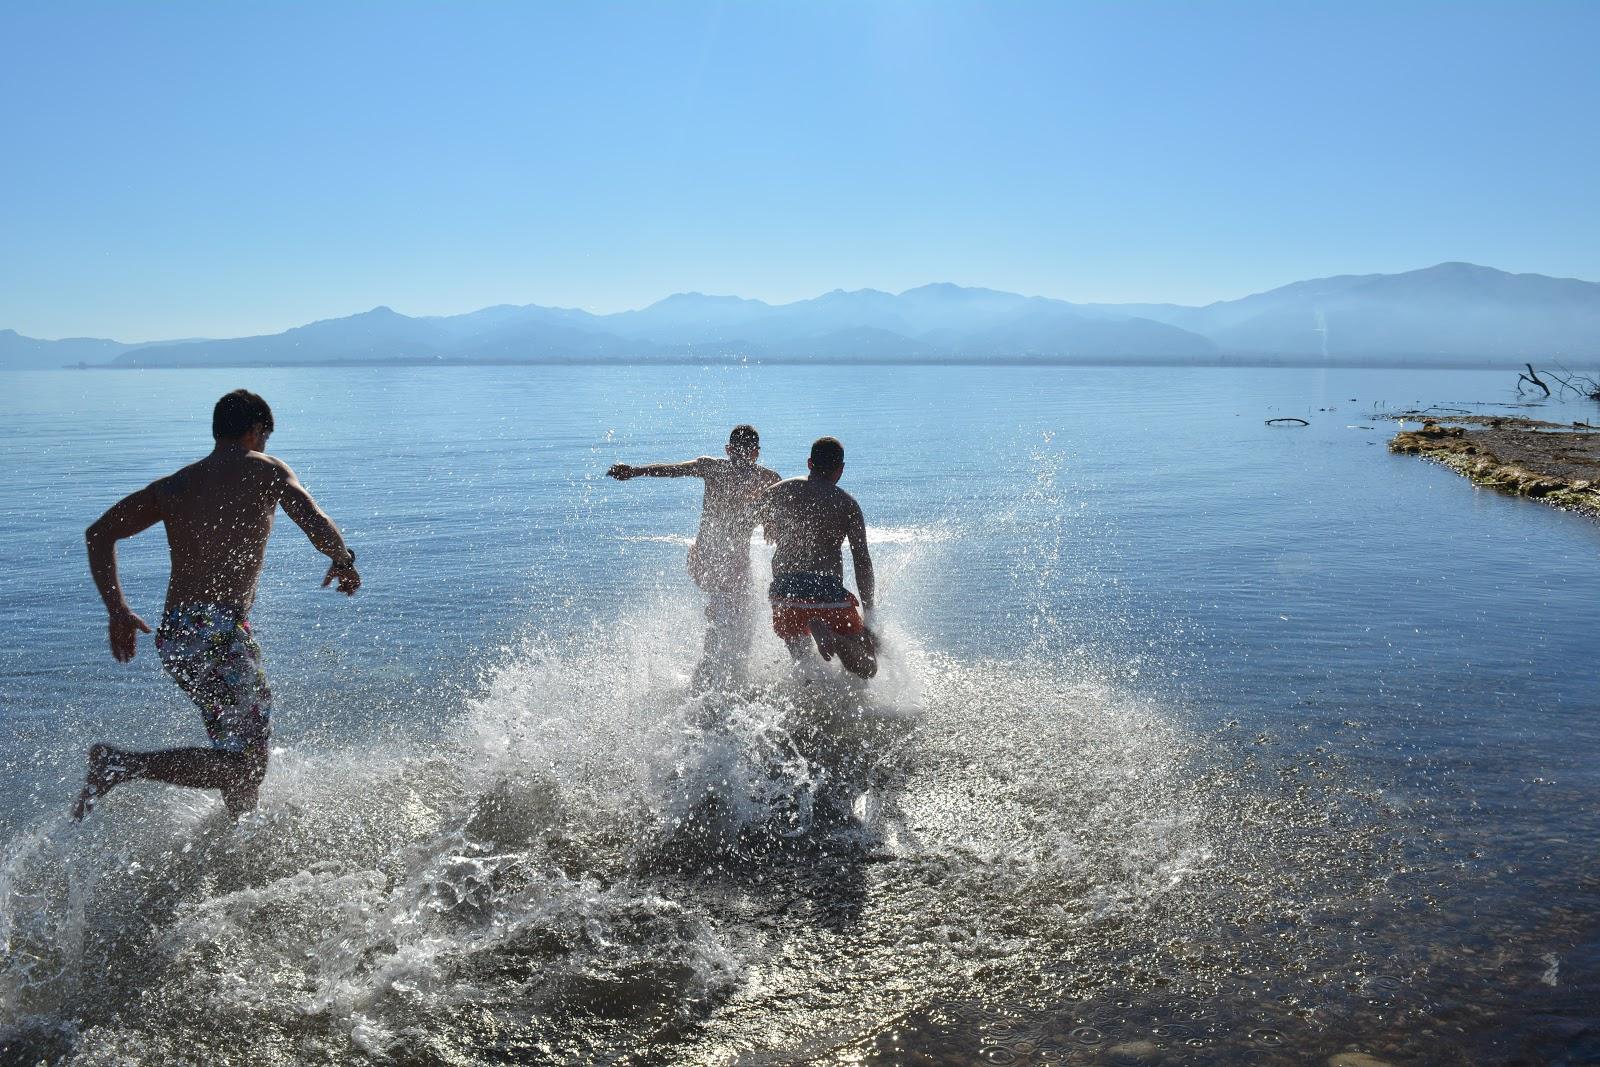 Θεοφάνεια στο Καινούργιο: Τρεις νέοι έπεσαν στη λίμνη για το Σταυρό (φωτό)